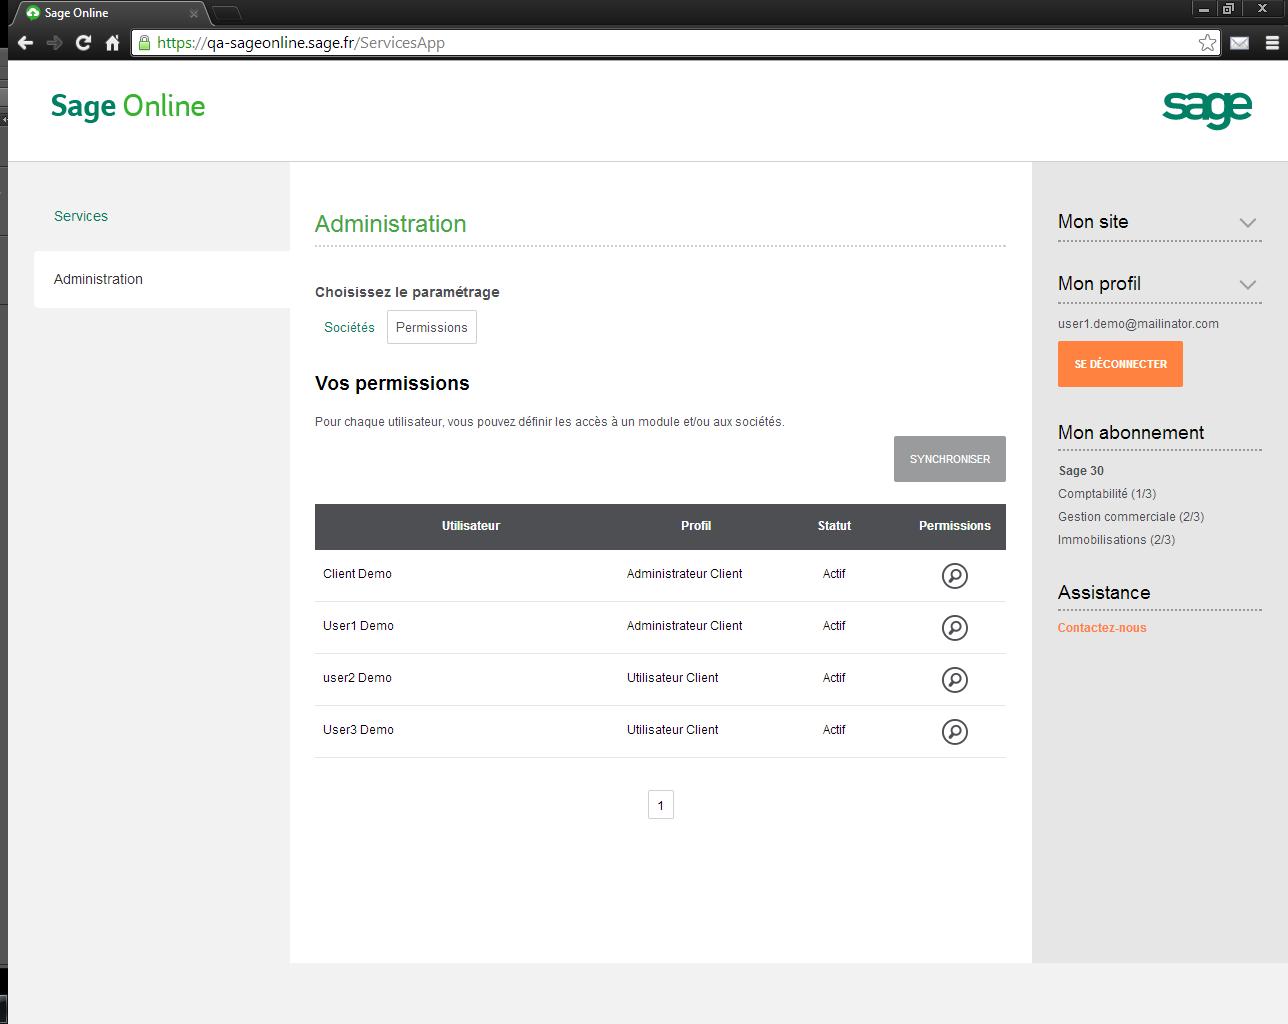 Sage Gestion Commerciale Online: Historique des mouvements, Suivi des achats, Application mobile